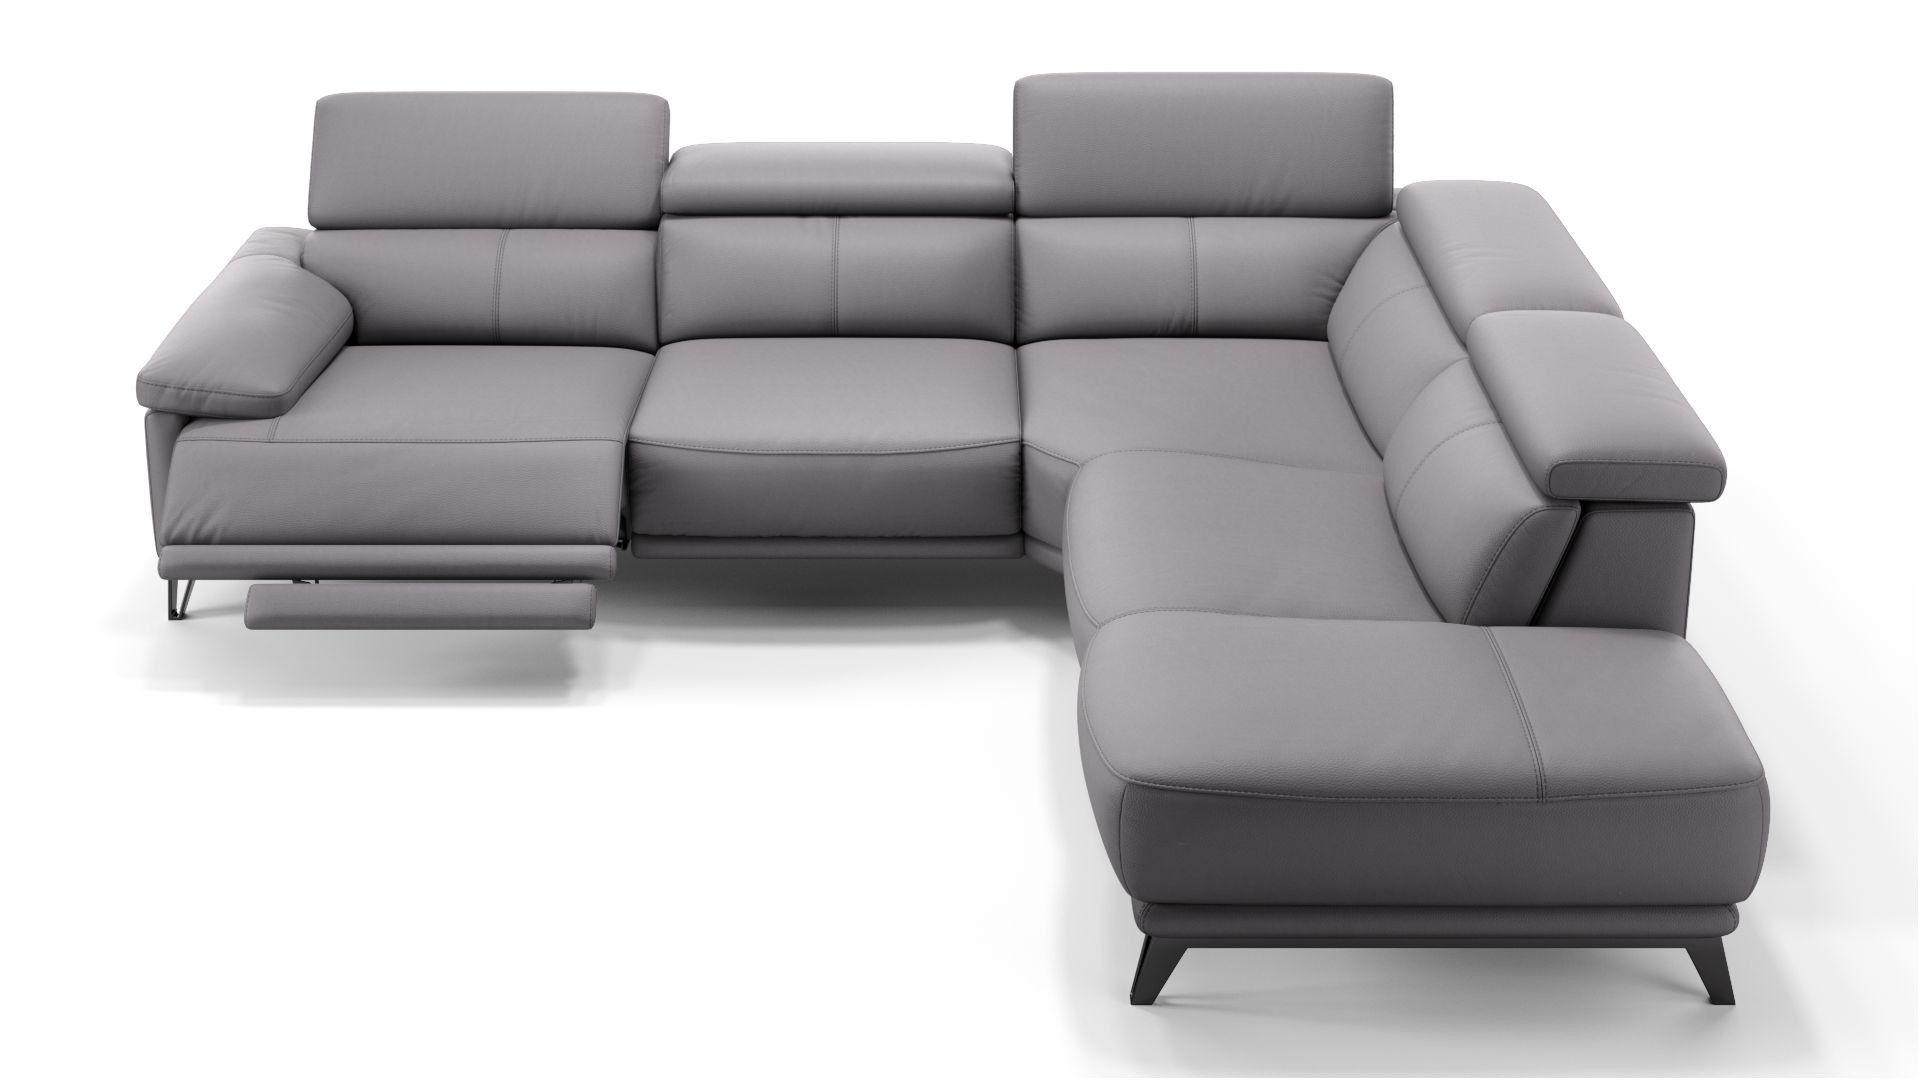 Großartig Sofa Mit Sitztiefenverstellung Sammlung Von Elegant Ecksofa Elektrischer Check More At Https://tridentbeauties.org/